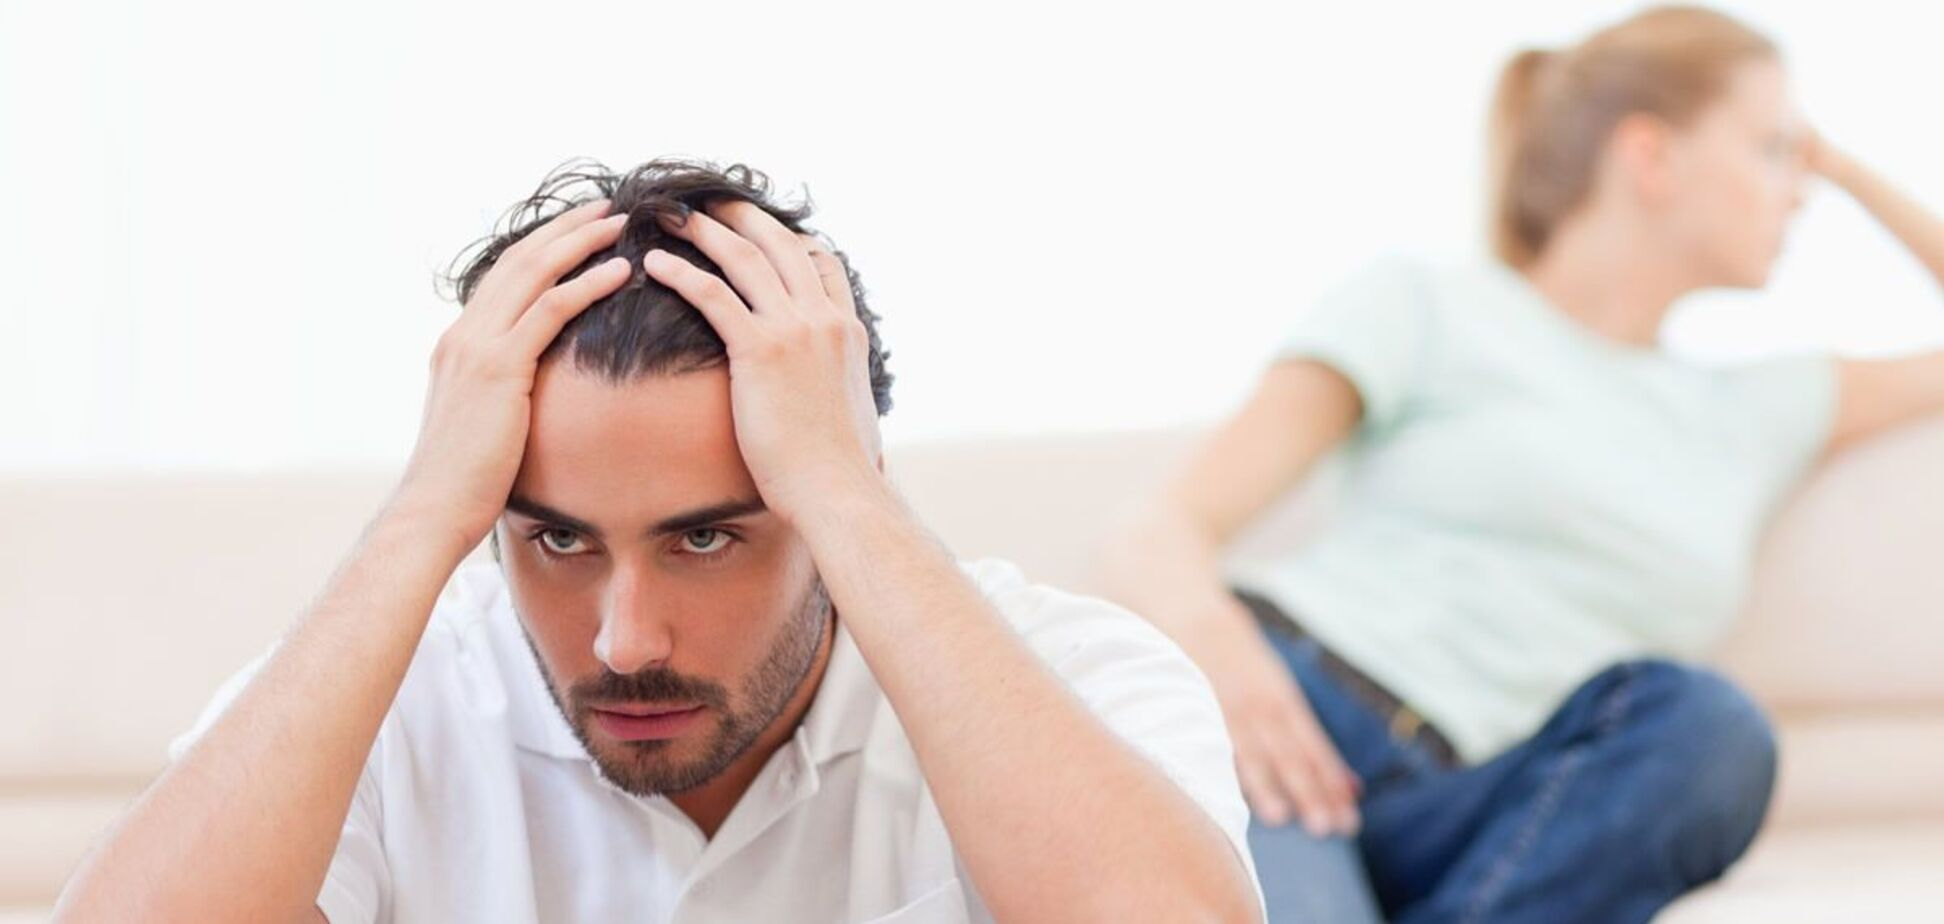 Названы женские привычки, которые раздражают мужчин